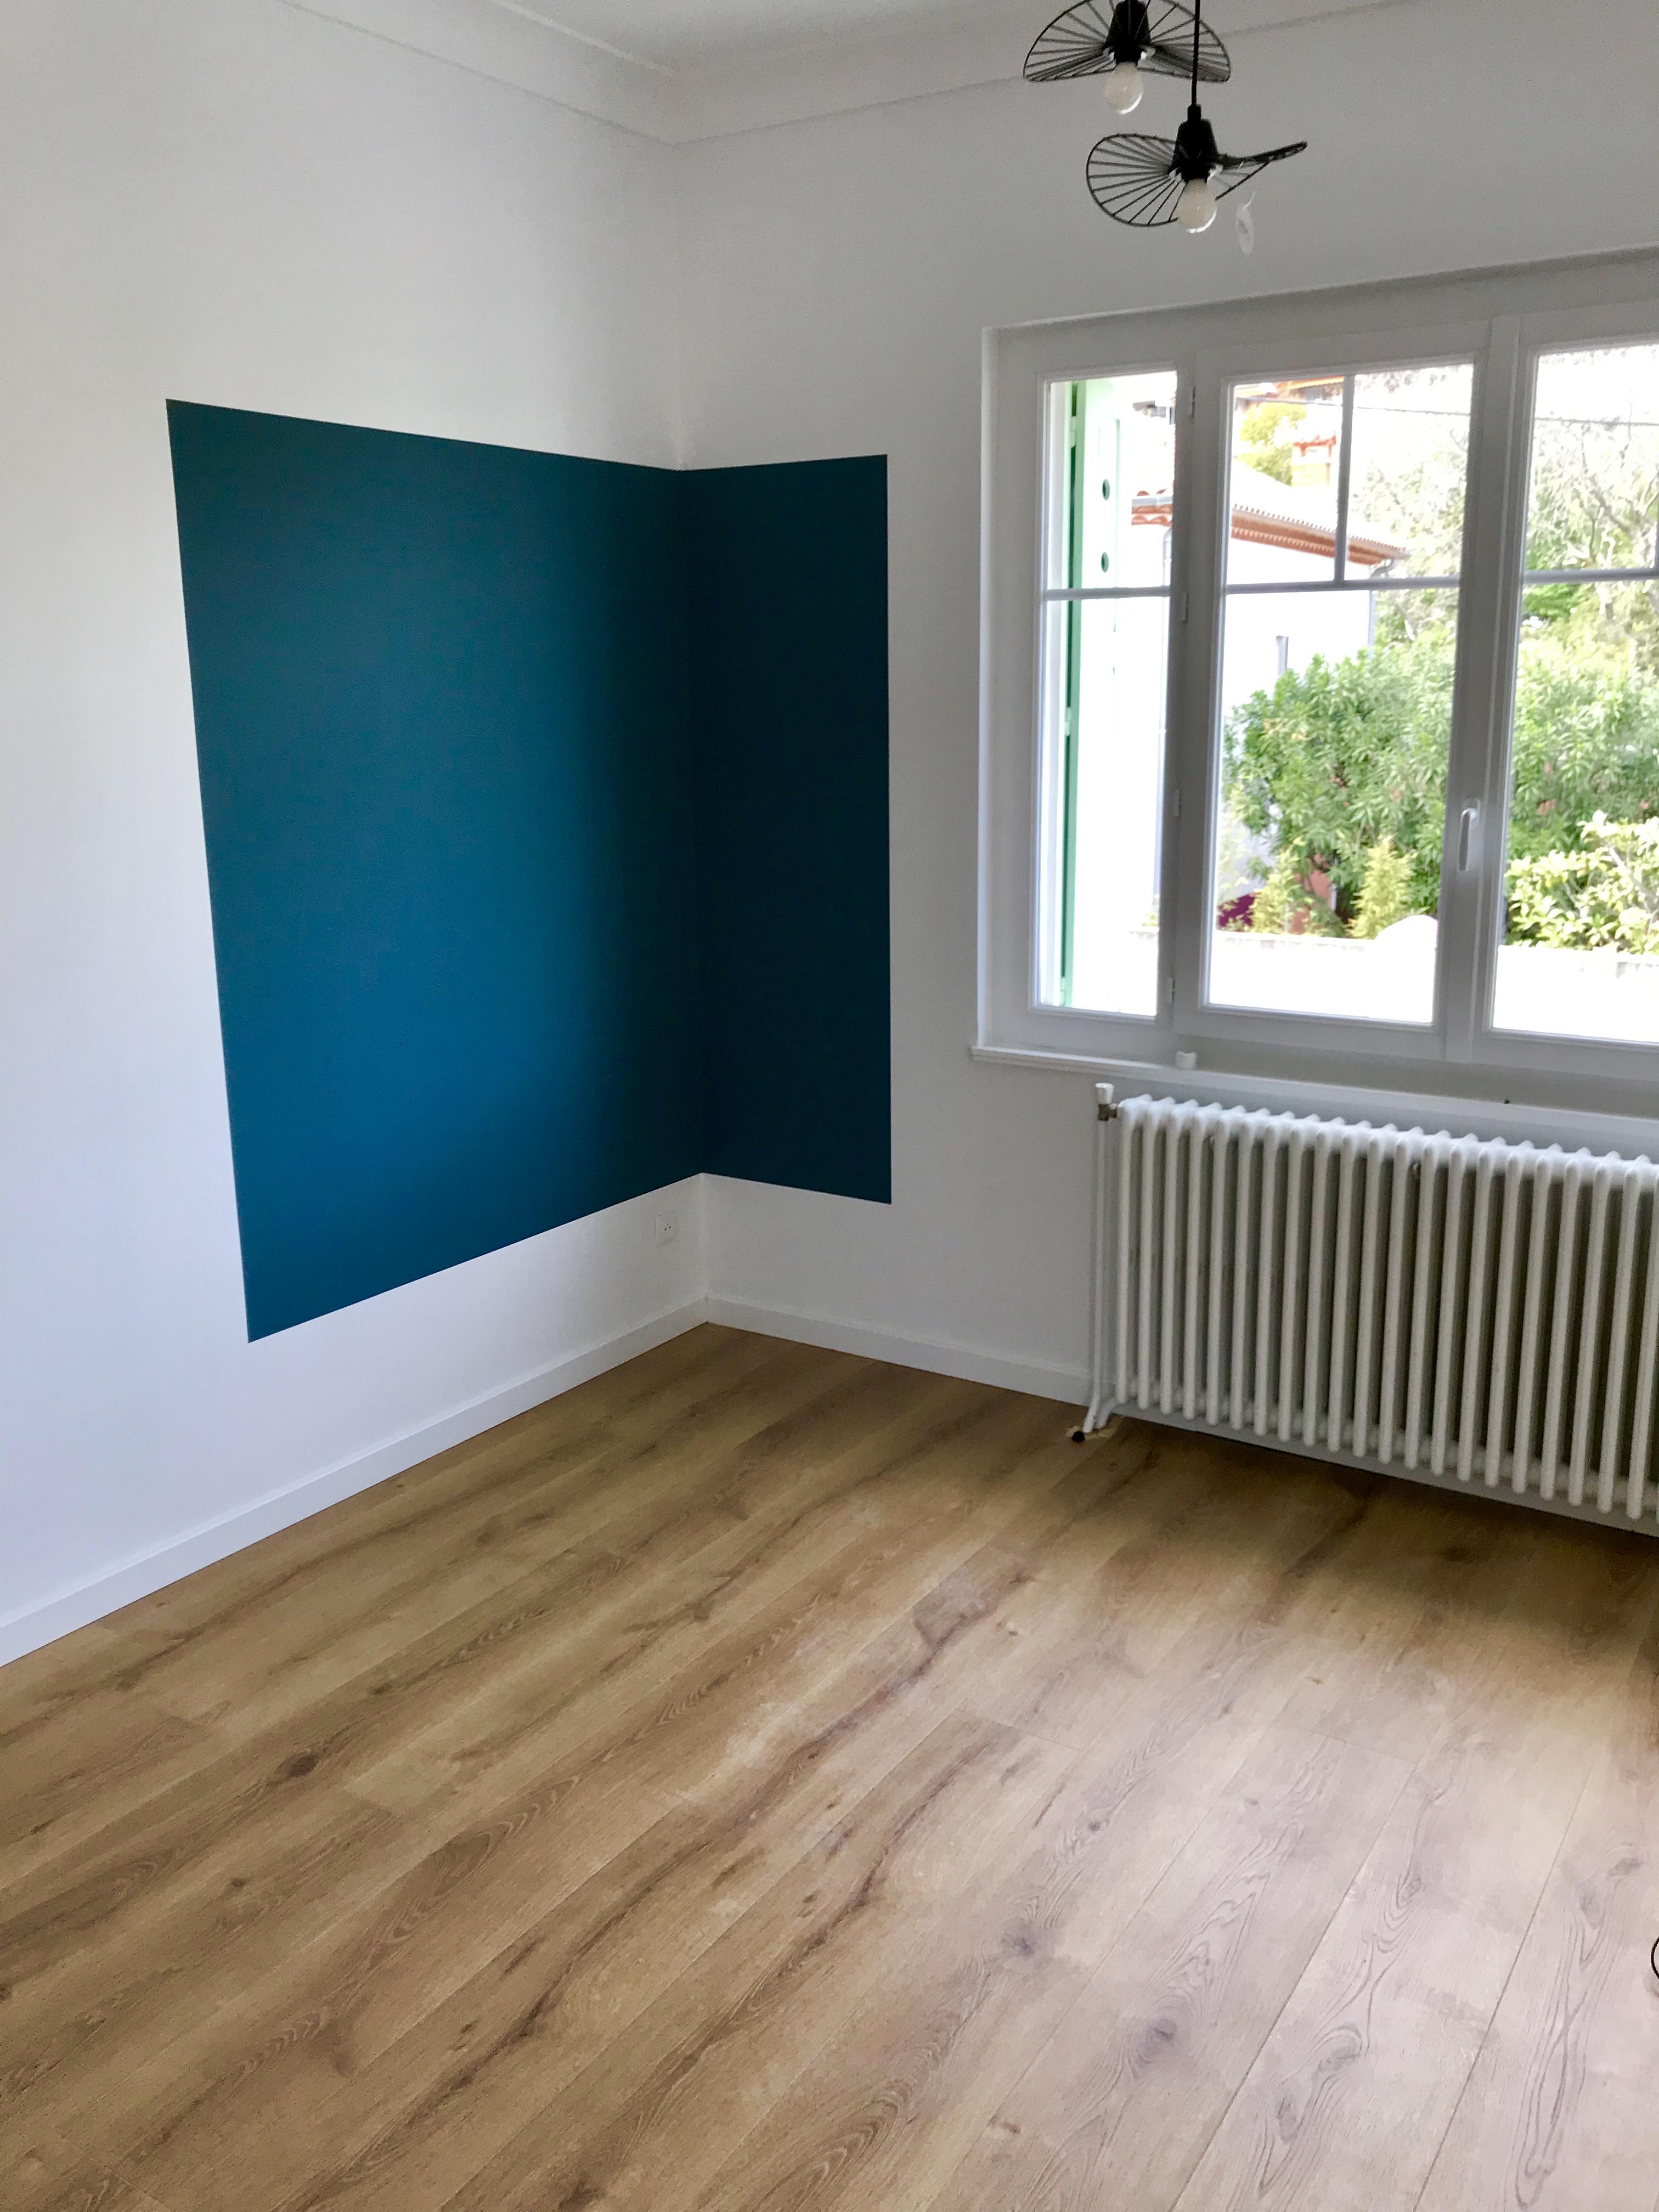 Délimitation de l'espace grâce à un cadre de couleur bleue dans appartement Puech du Teil à Nîmes